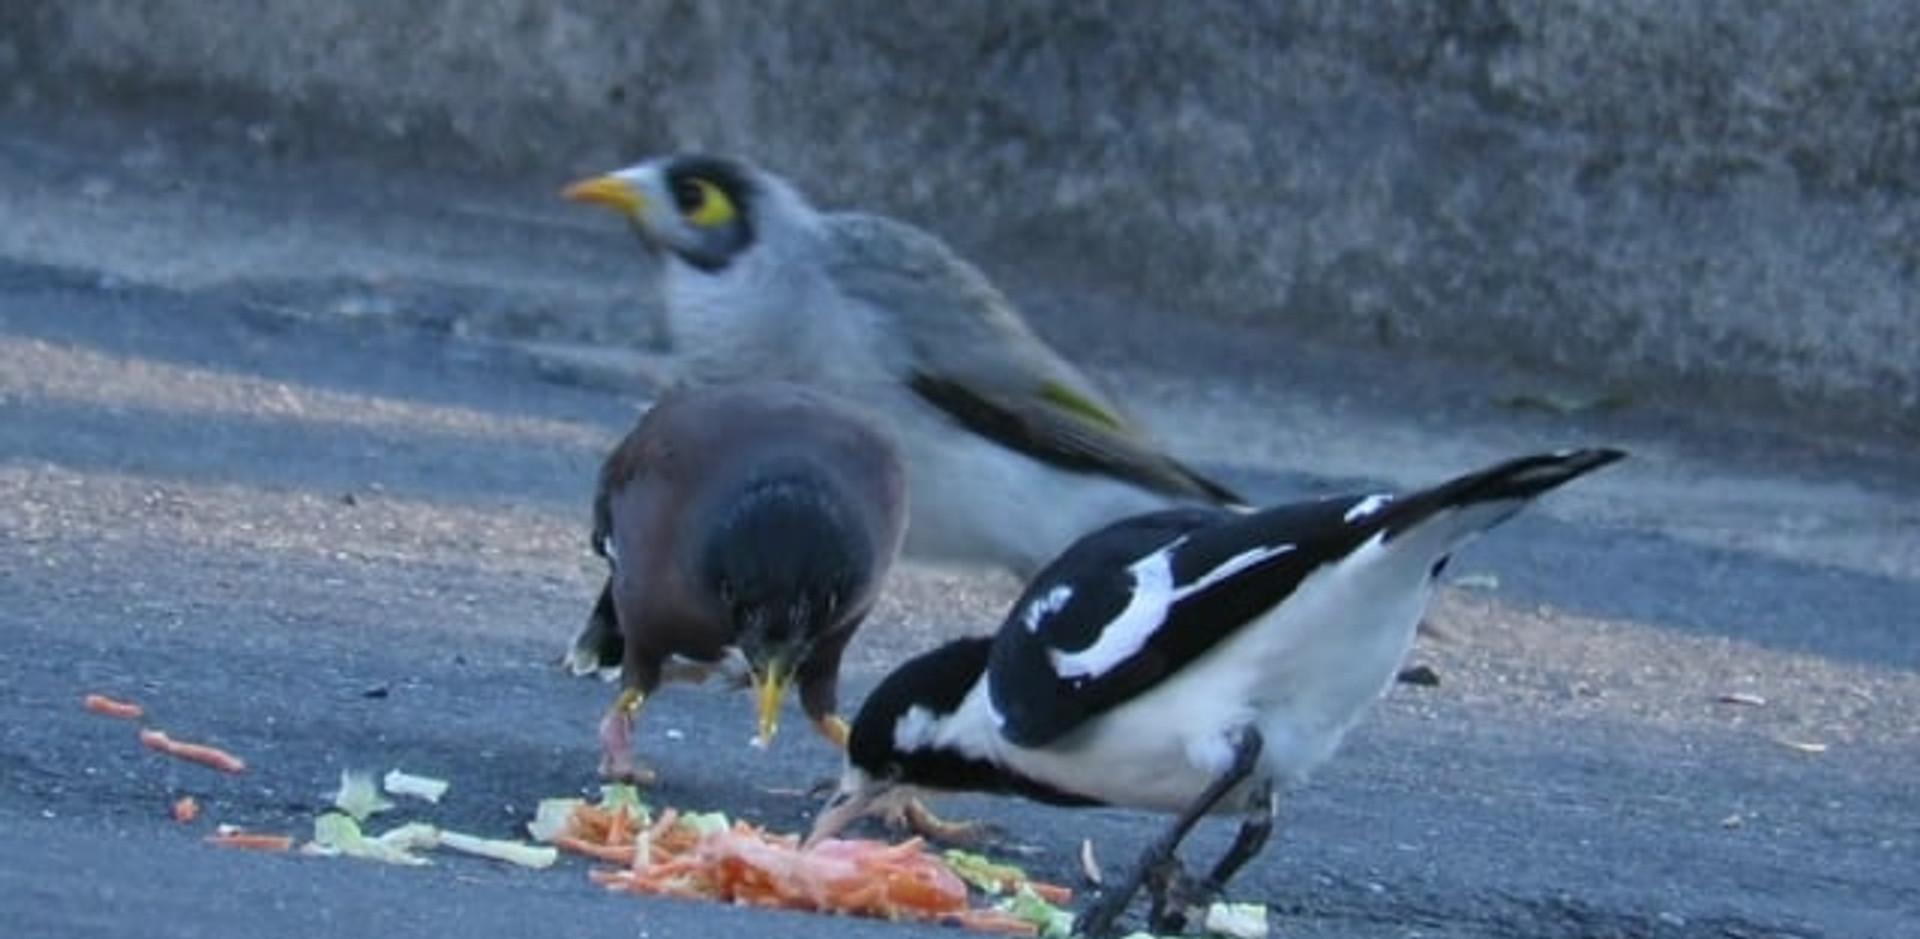 Magpie-lark scavenging